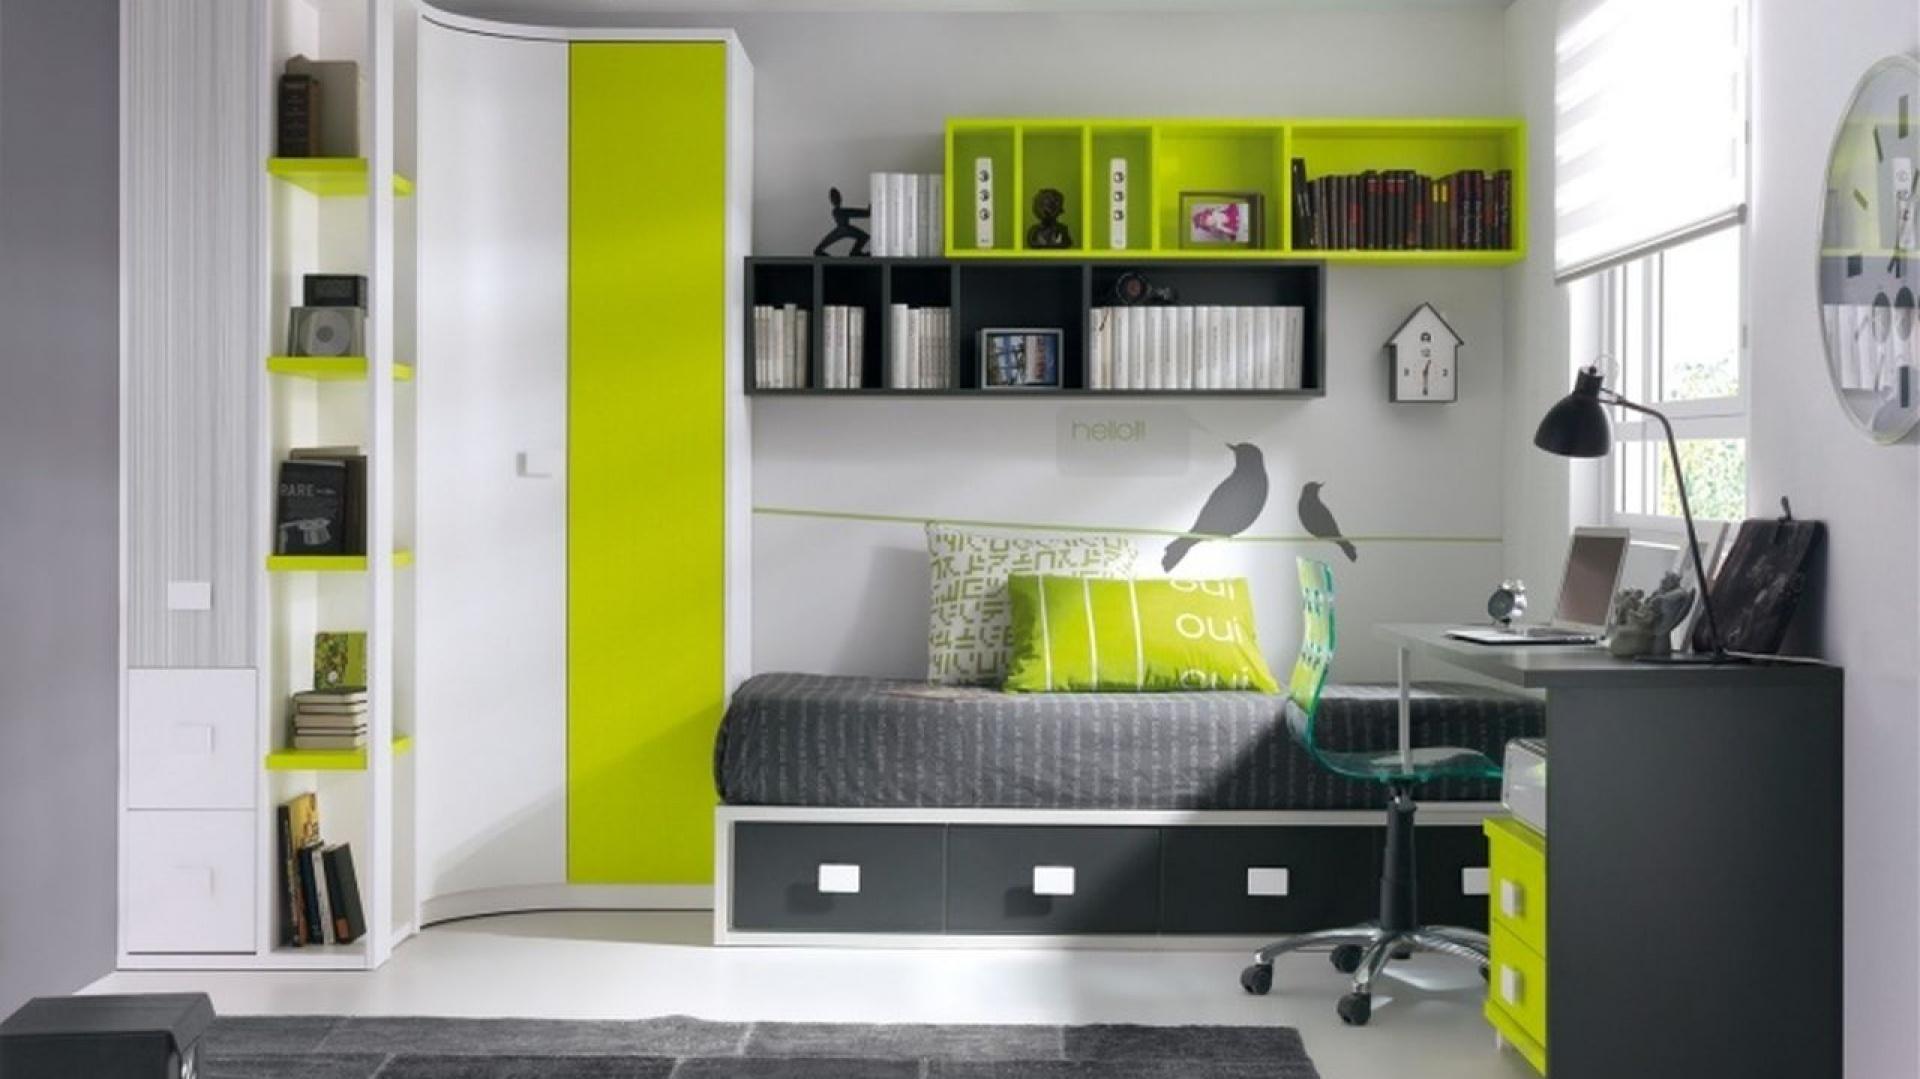 Pokój Dziecka W Zielonym Kolorze Idealny Do Odpoczynku I Zabawy